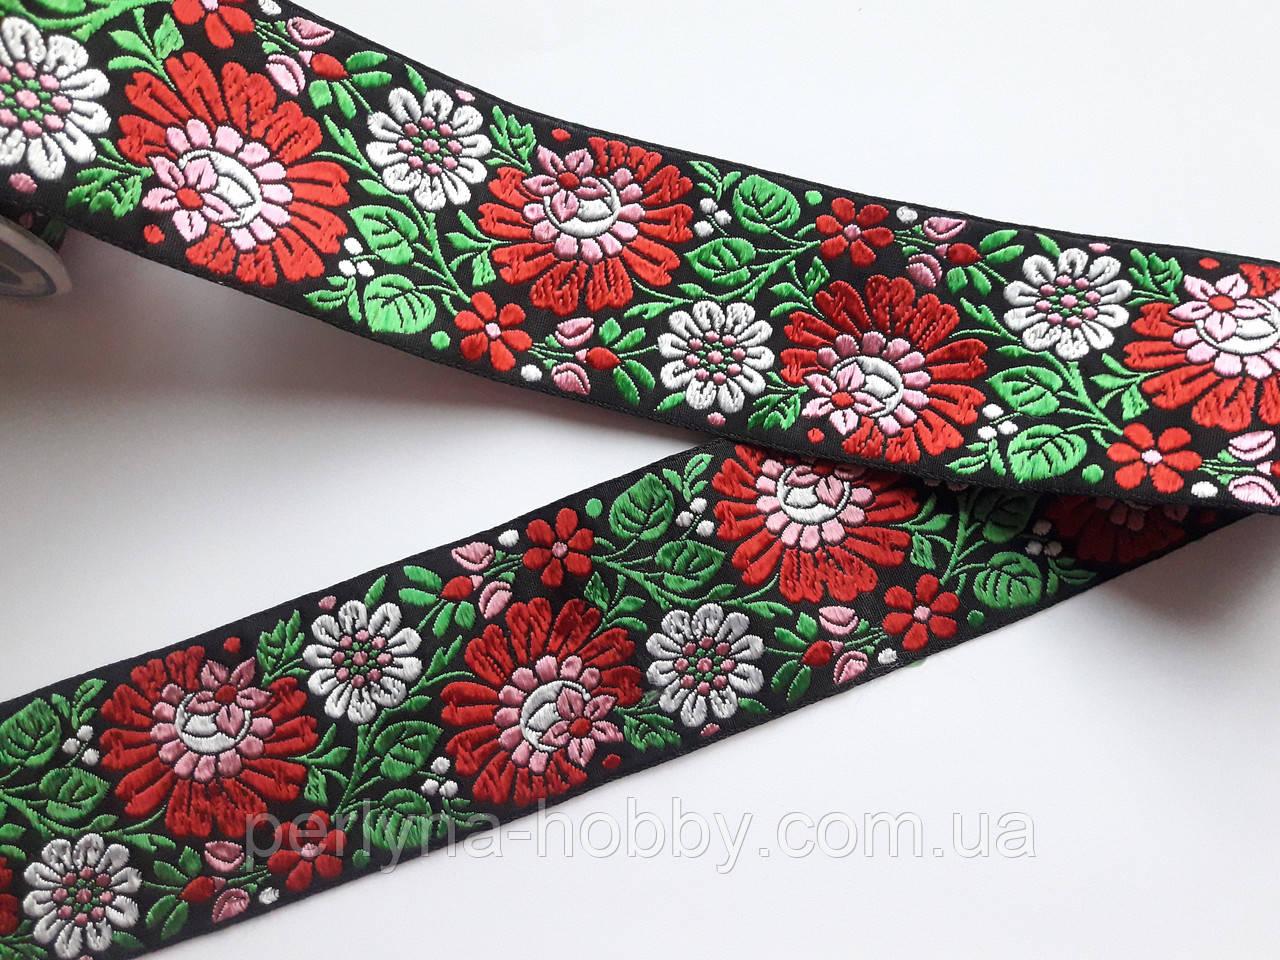 """Тасьма декоративна з орнаментом з вишивкою  """"Квіти на чорному"""" 6 см."""